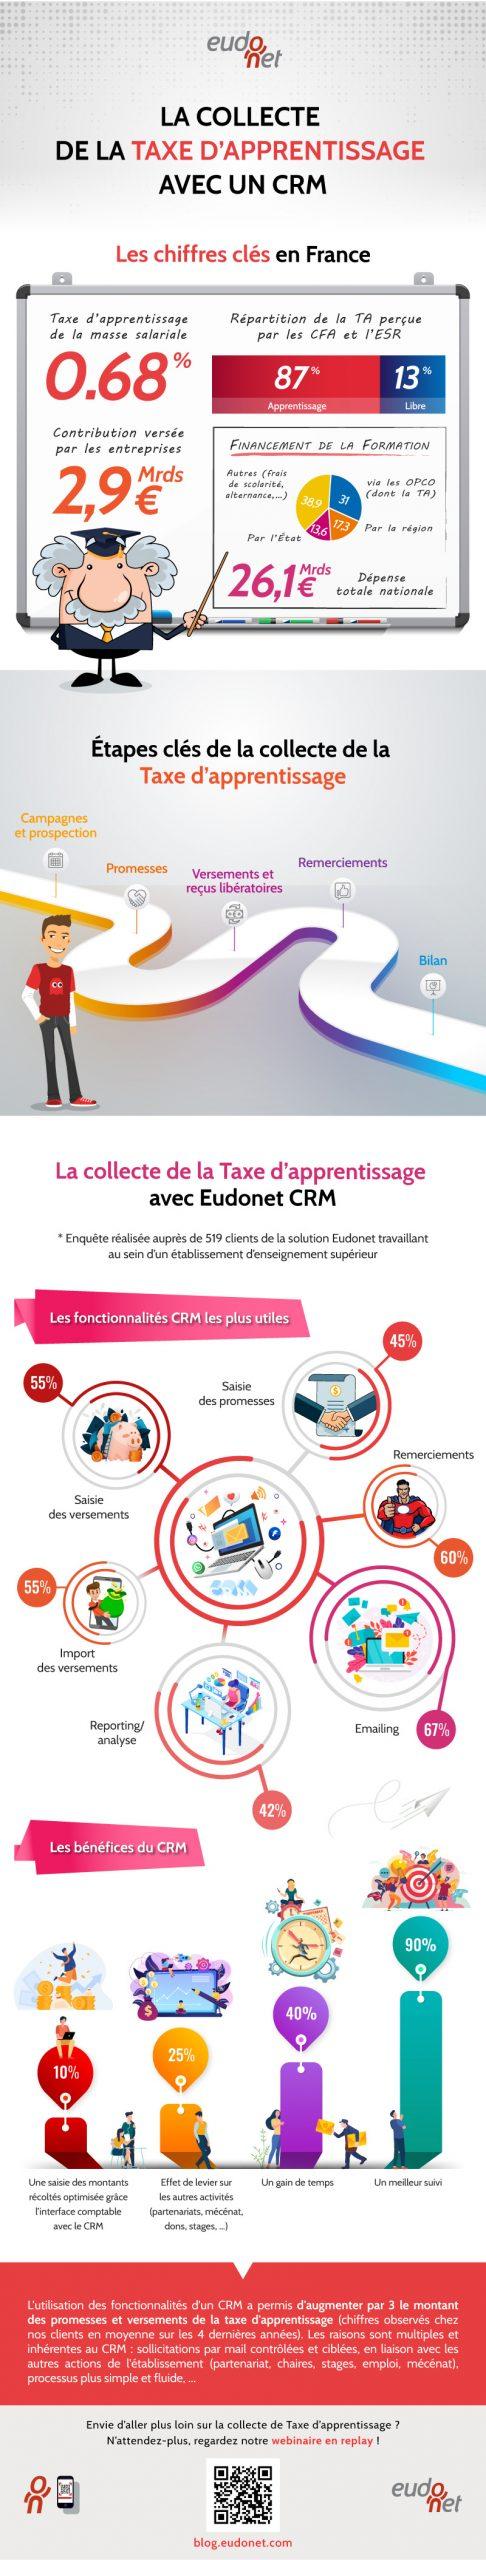 Infographie Taxe D'apprentissage et CRM